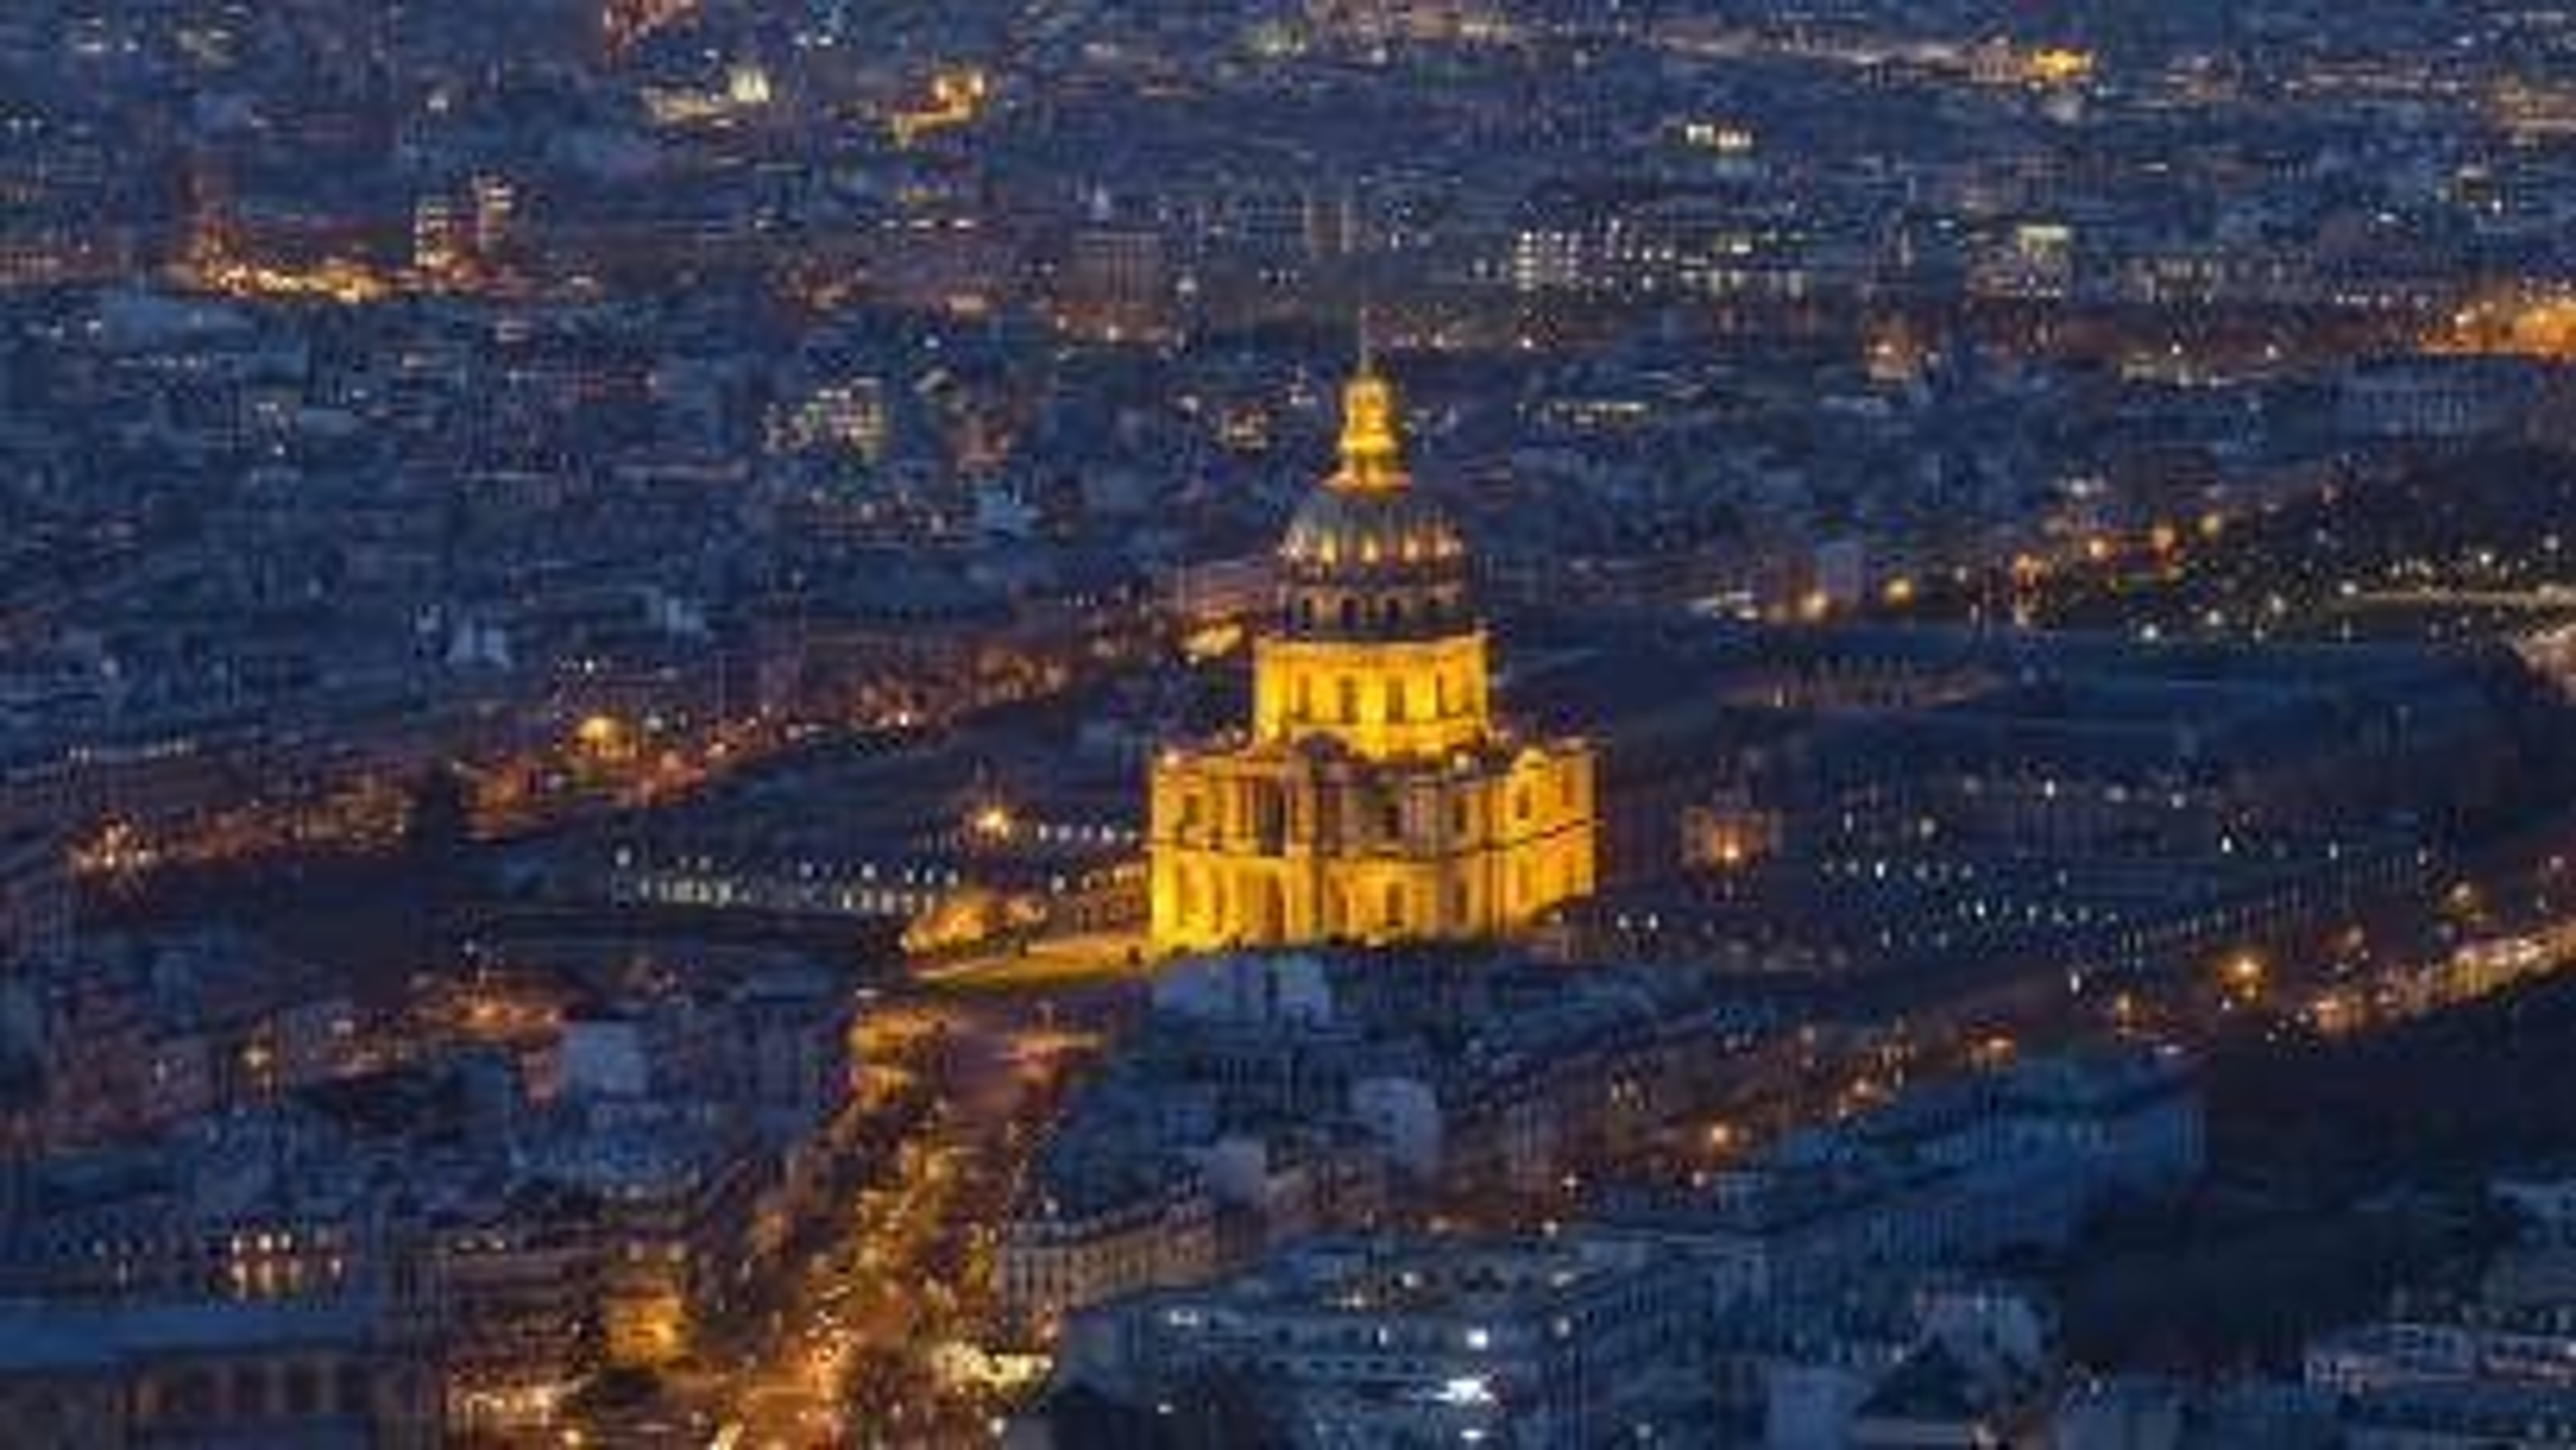 Paris drone sightings